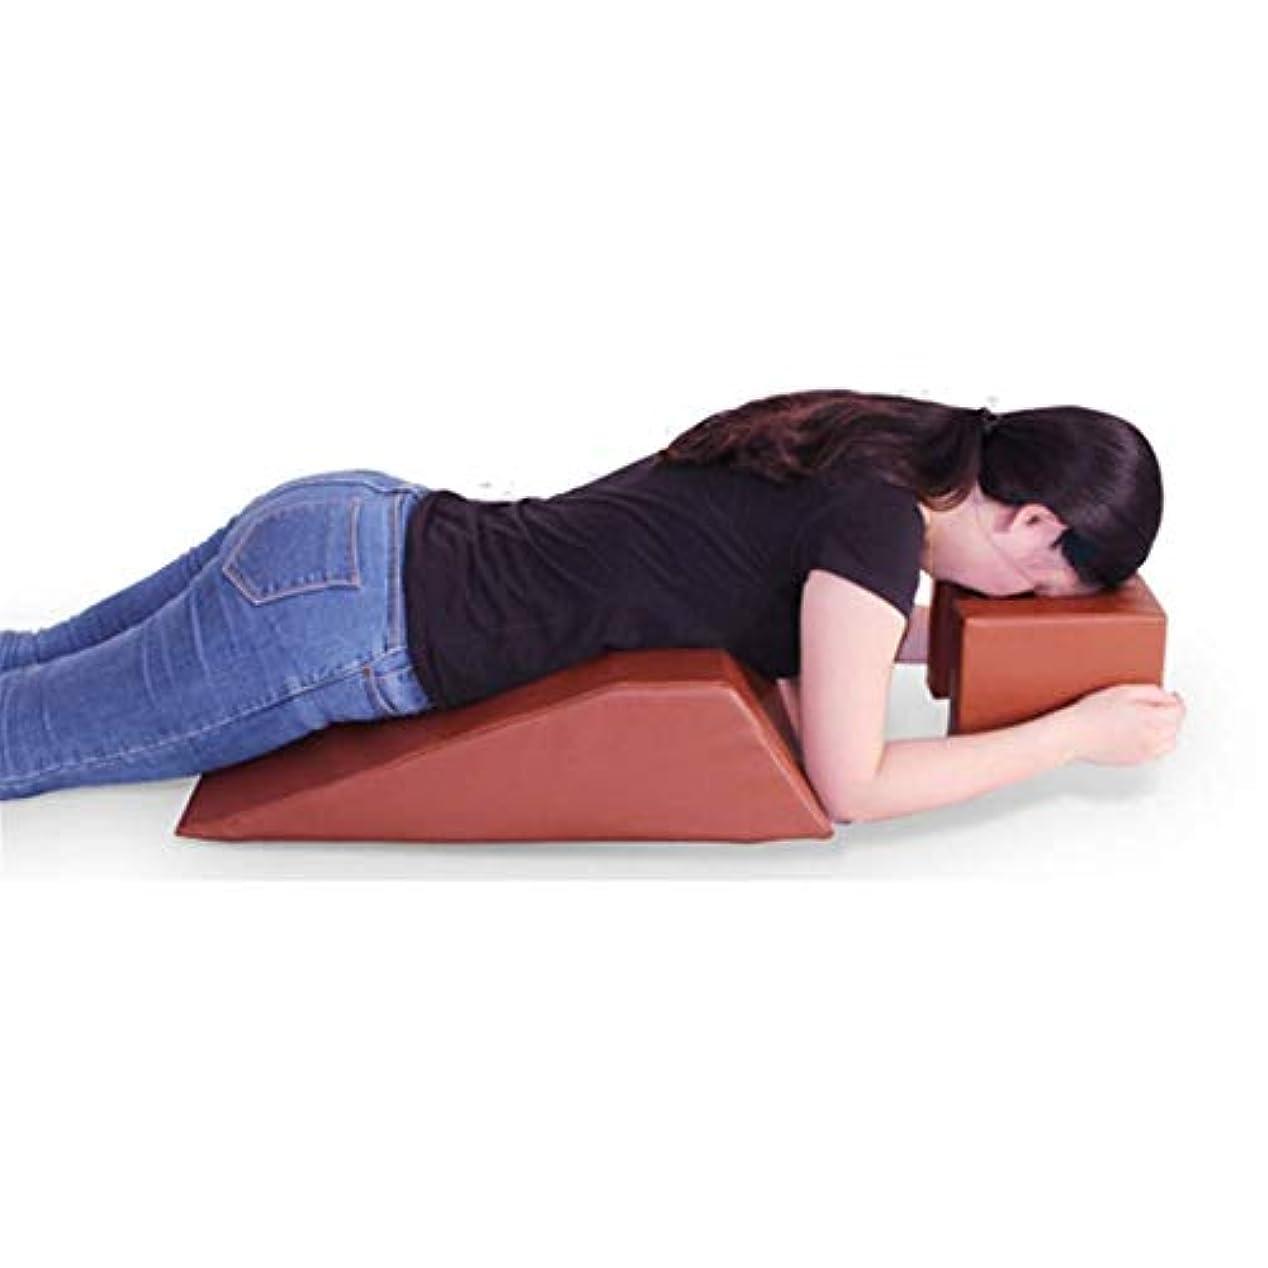 未接続聖職者主張腹臥位クッション、眠りやすい腹臥位、腰痛軽減、バックセラピー